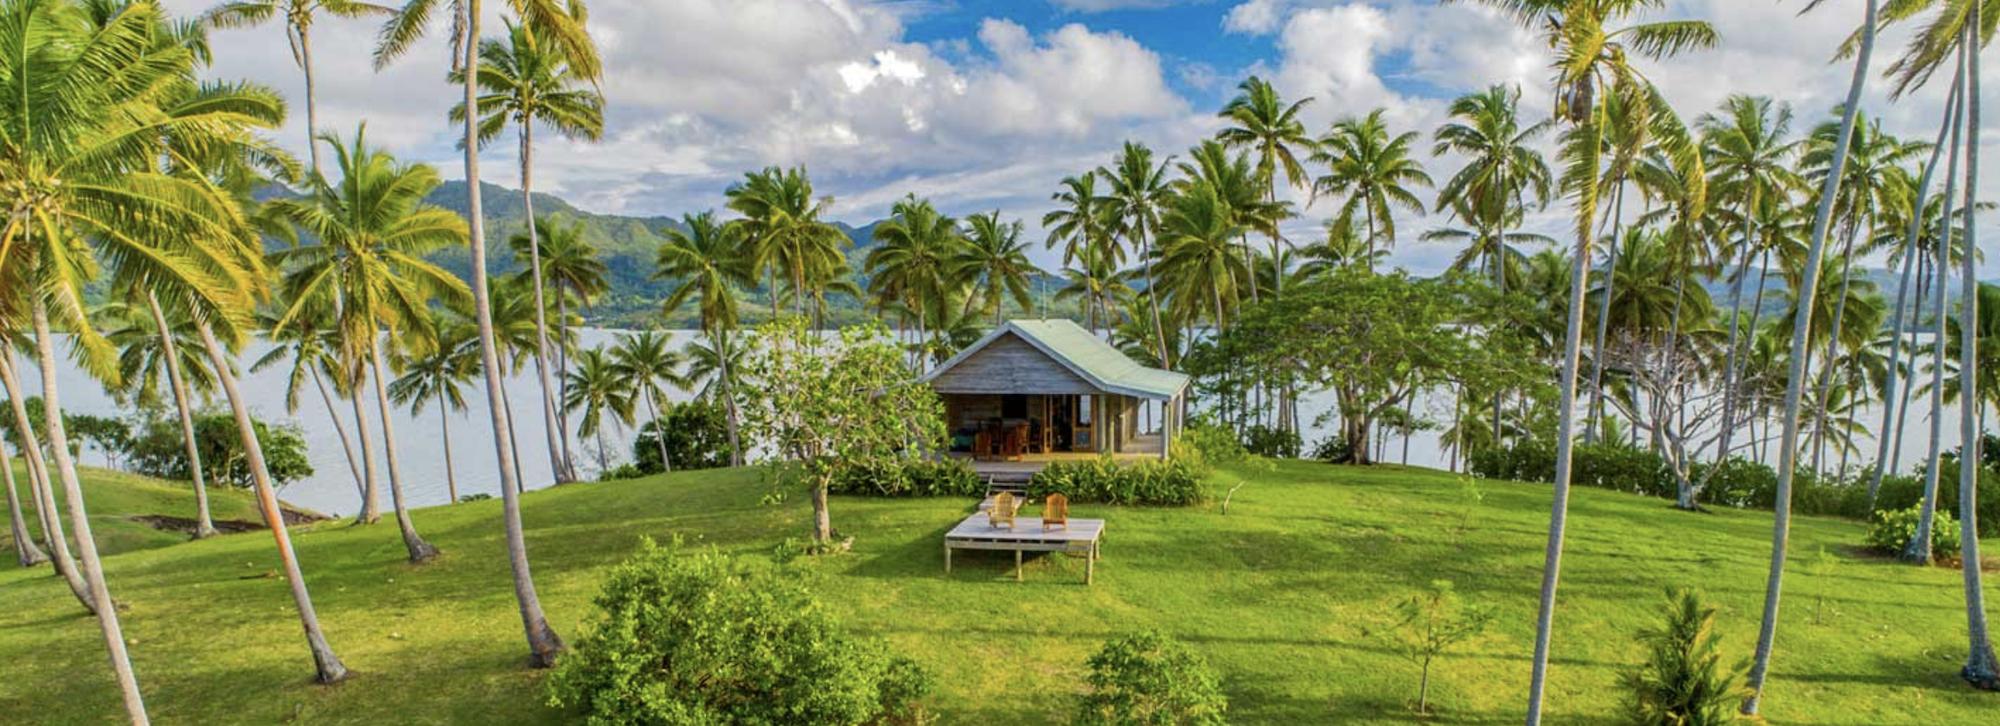 Đảo tư nhân bình dị này ở Fiji sắp đấu giá